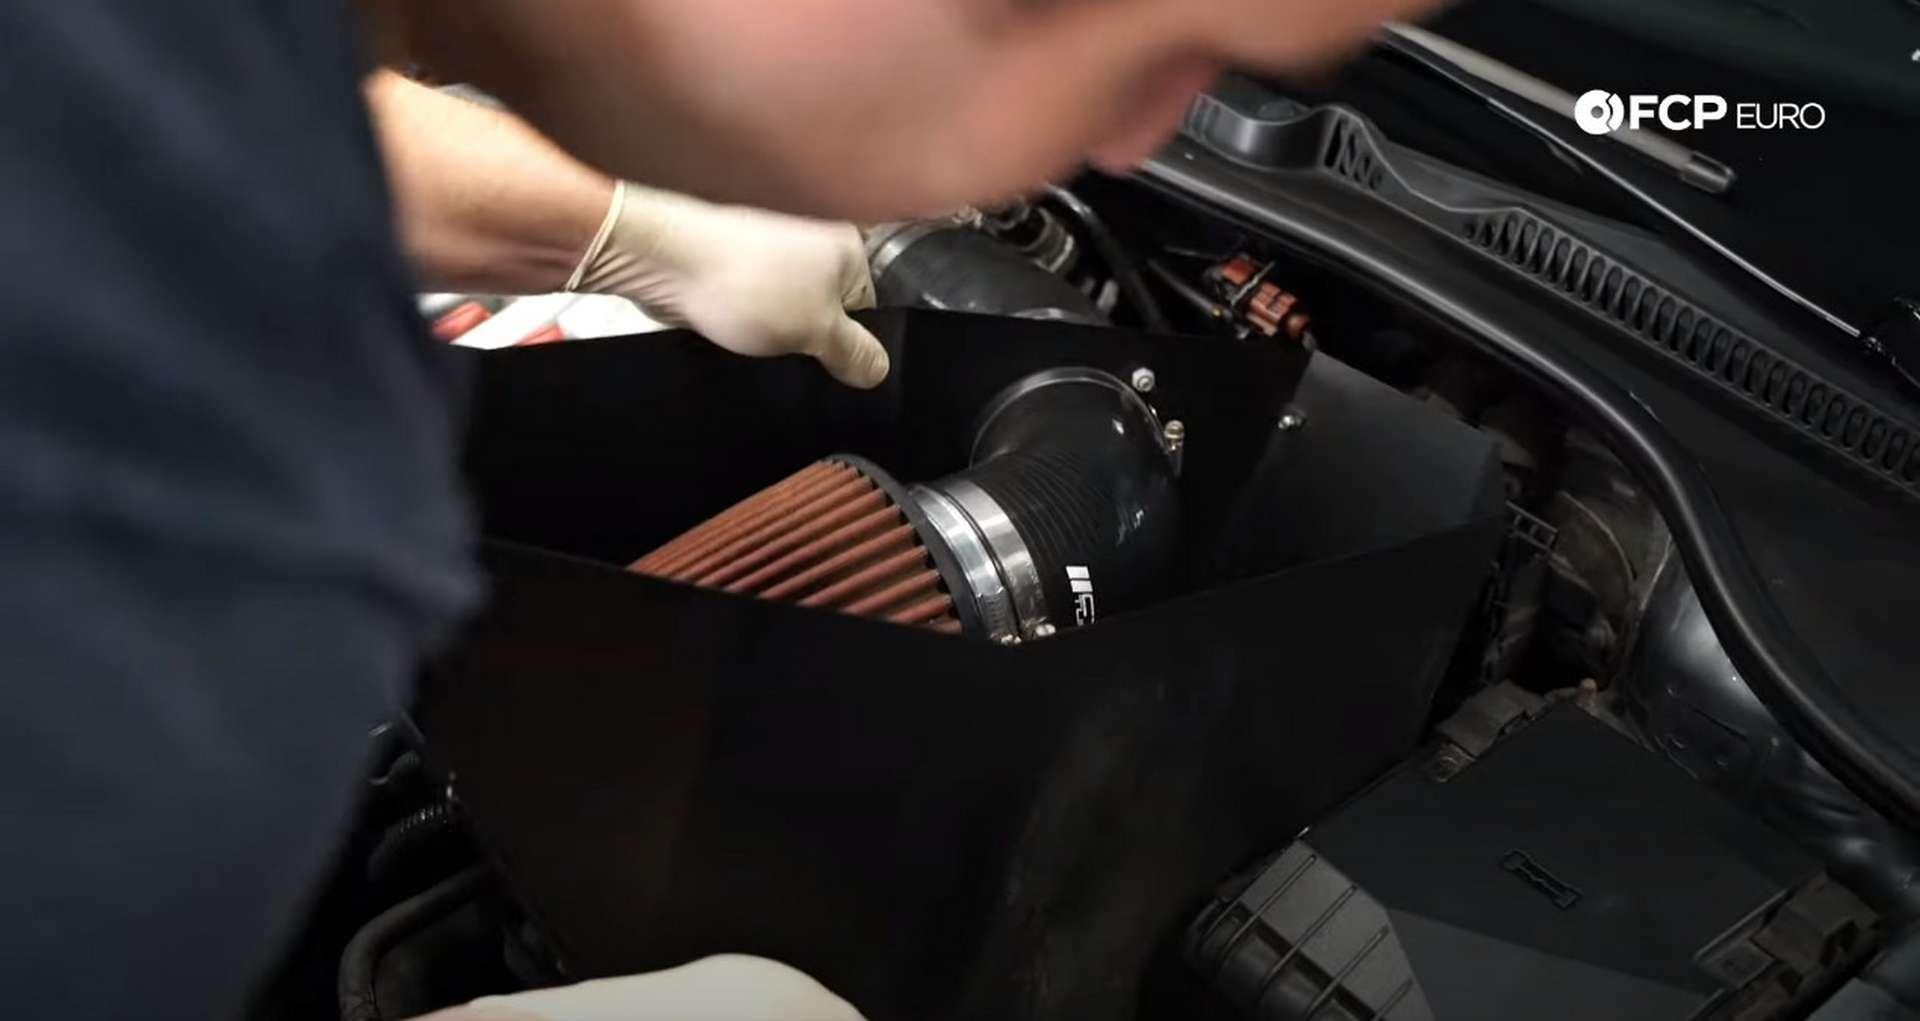 18-DIY-VW-VR6-Valve-Cover-Gasket-Removing-Intake